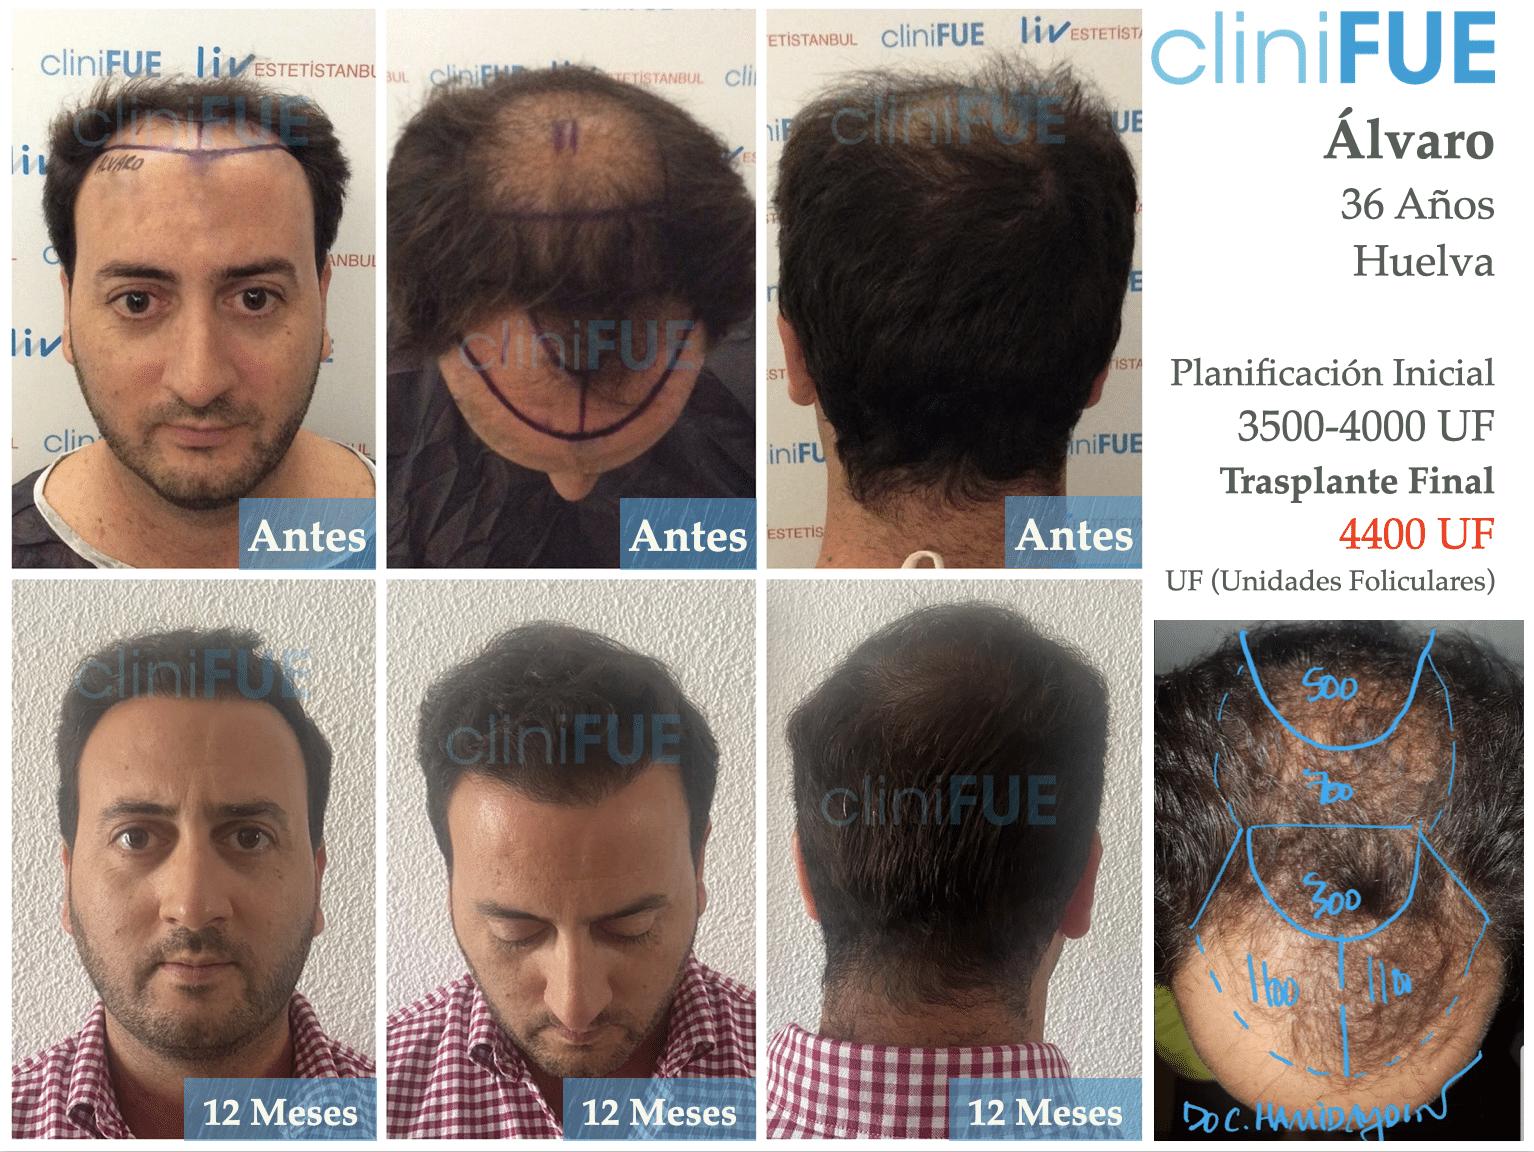 Alvaro-36-Huelva-trasplante-capilar-anyes-despues-3